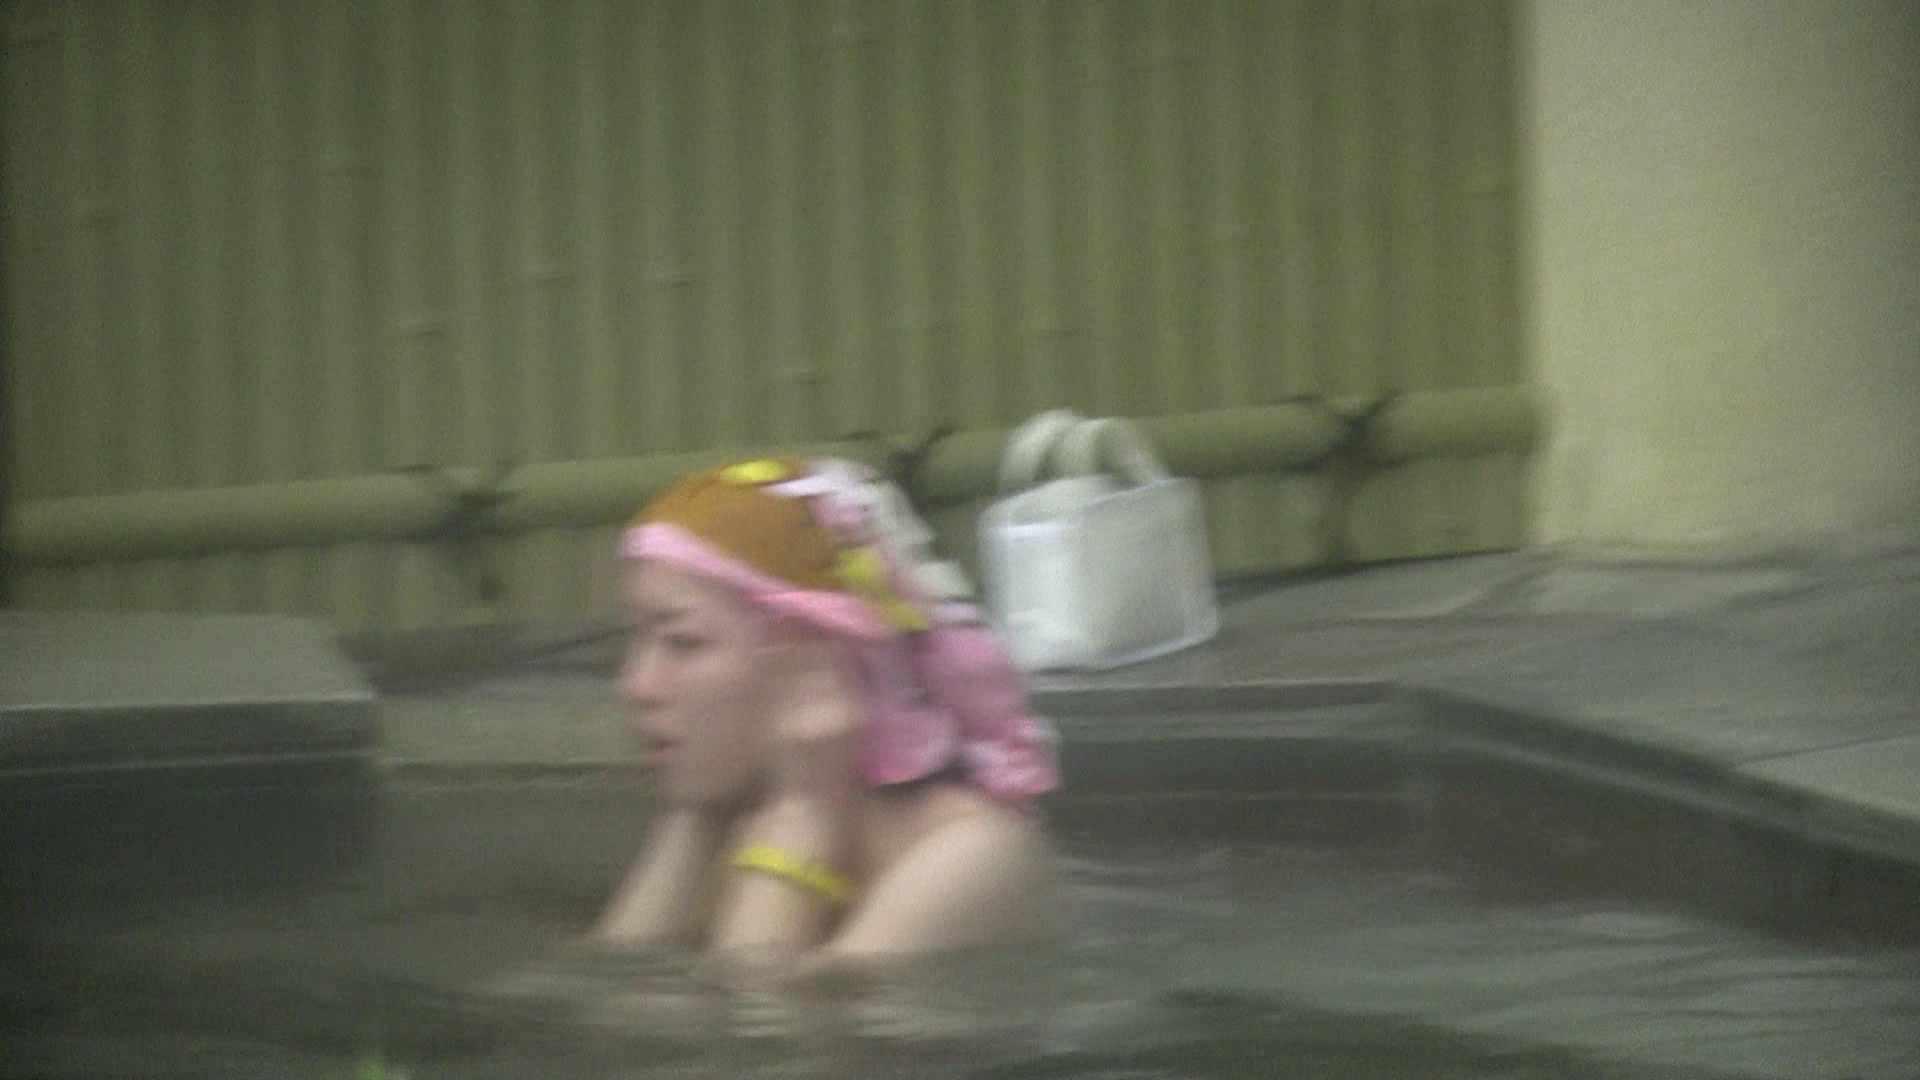 Aquaな露天風呂Vol.171 露天  108PICs 84